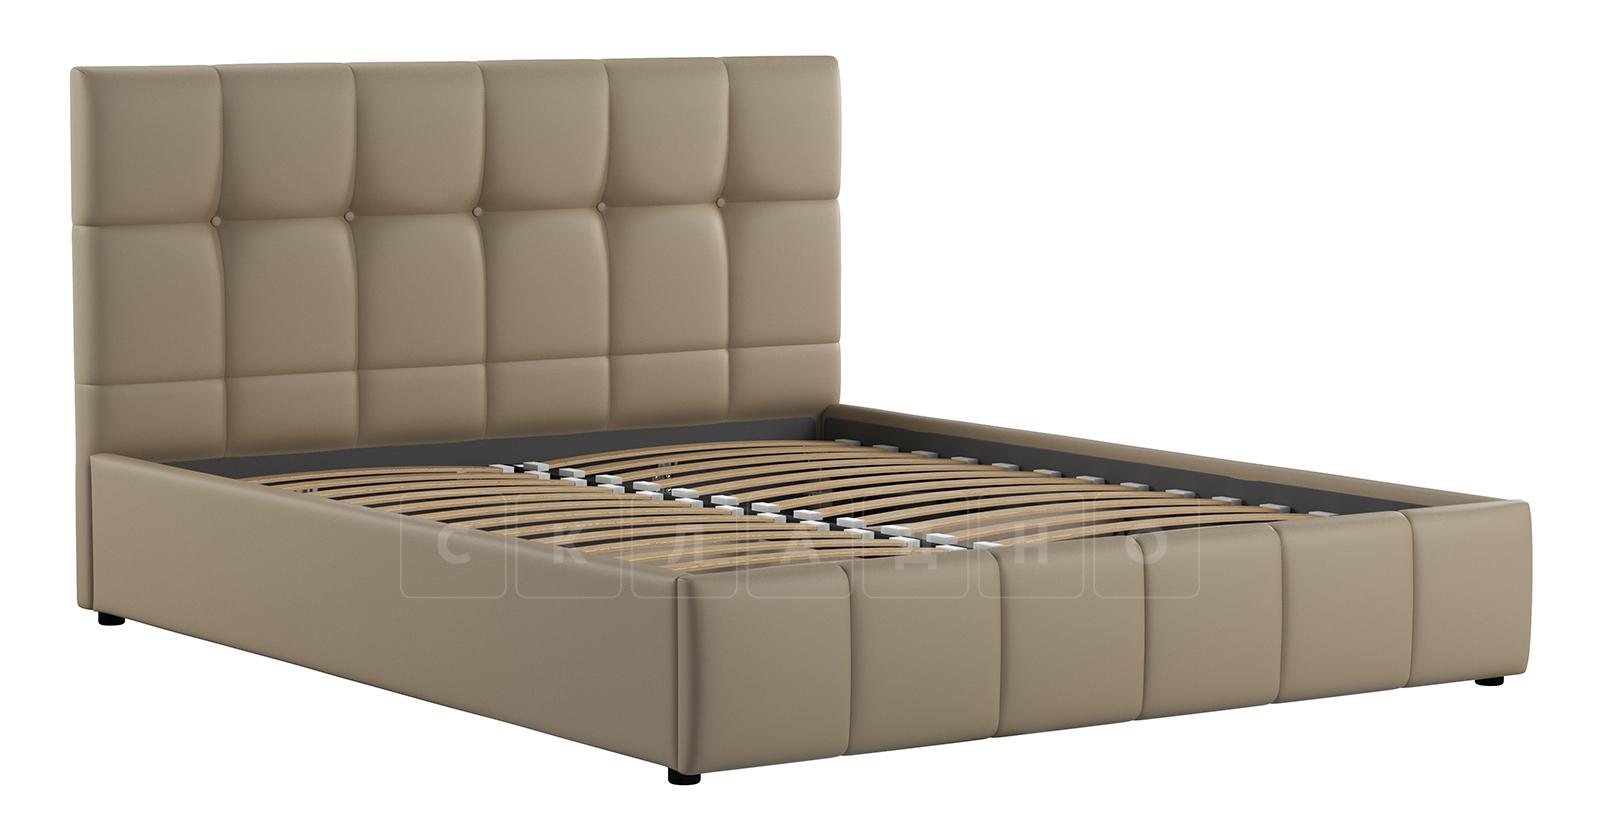 Мягкая кровать Хлоя 160 см капучино с подъемным механизмом фото 3 | интернет-магазин Складно